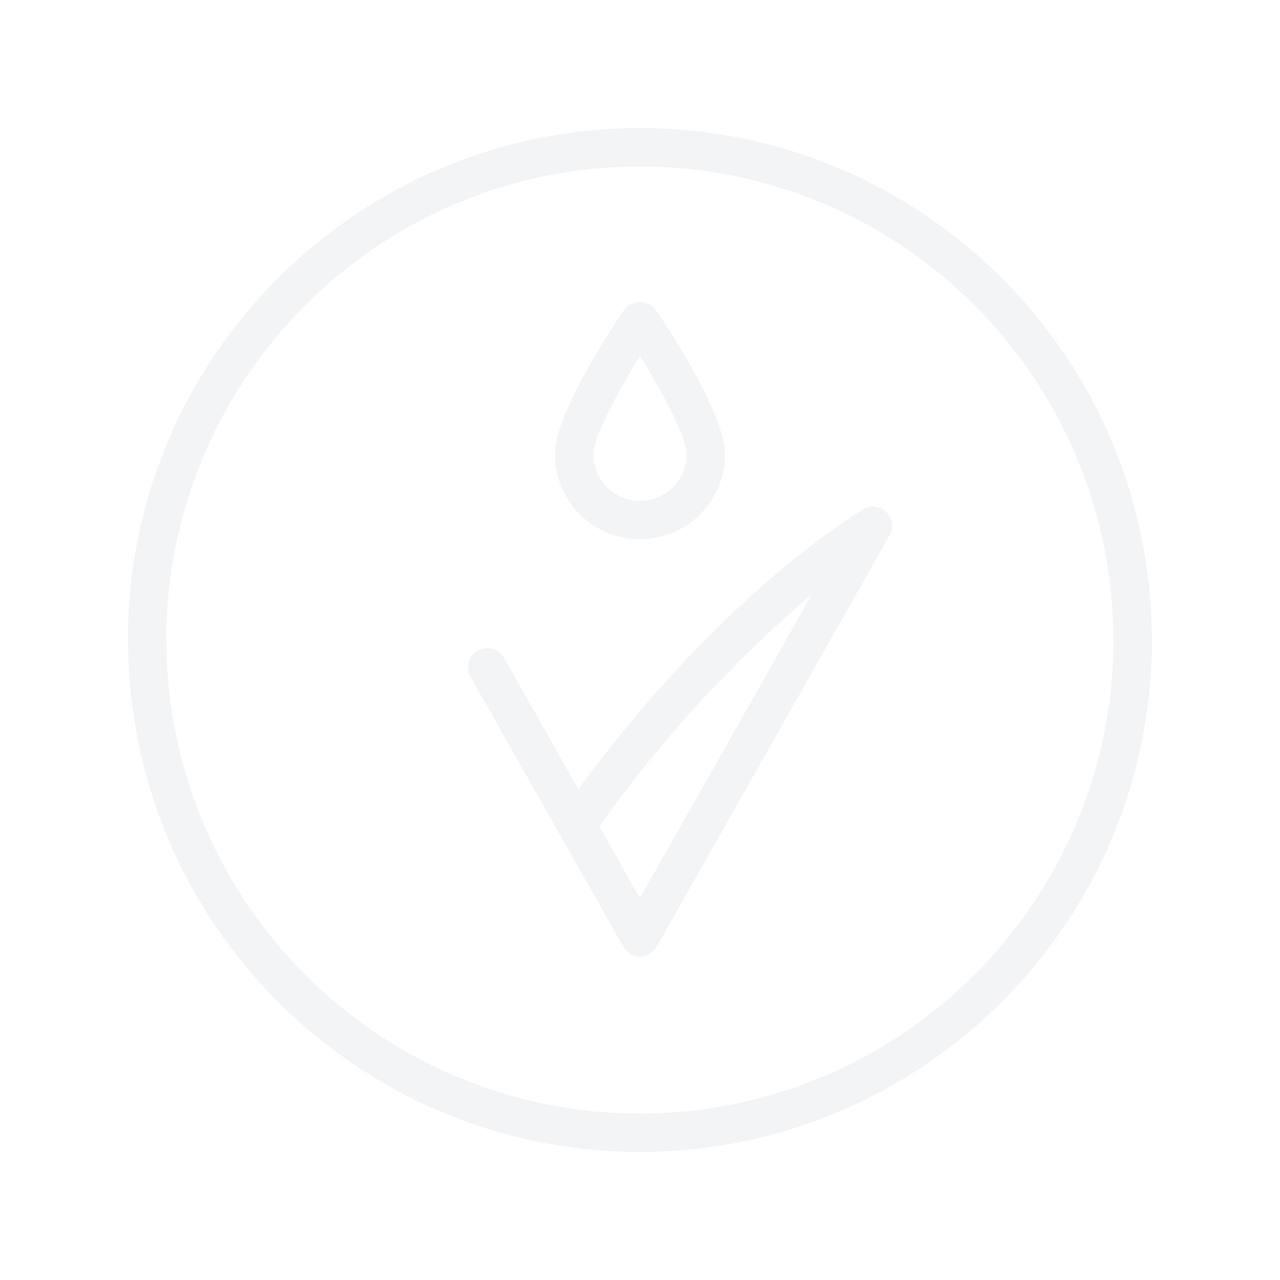 FILORGA Optim-Eyes Patch экспресс-патчи для контура глаз 16pcs